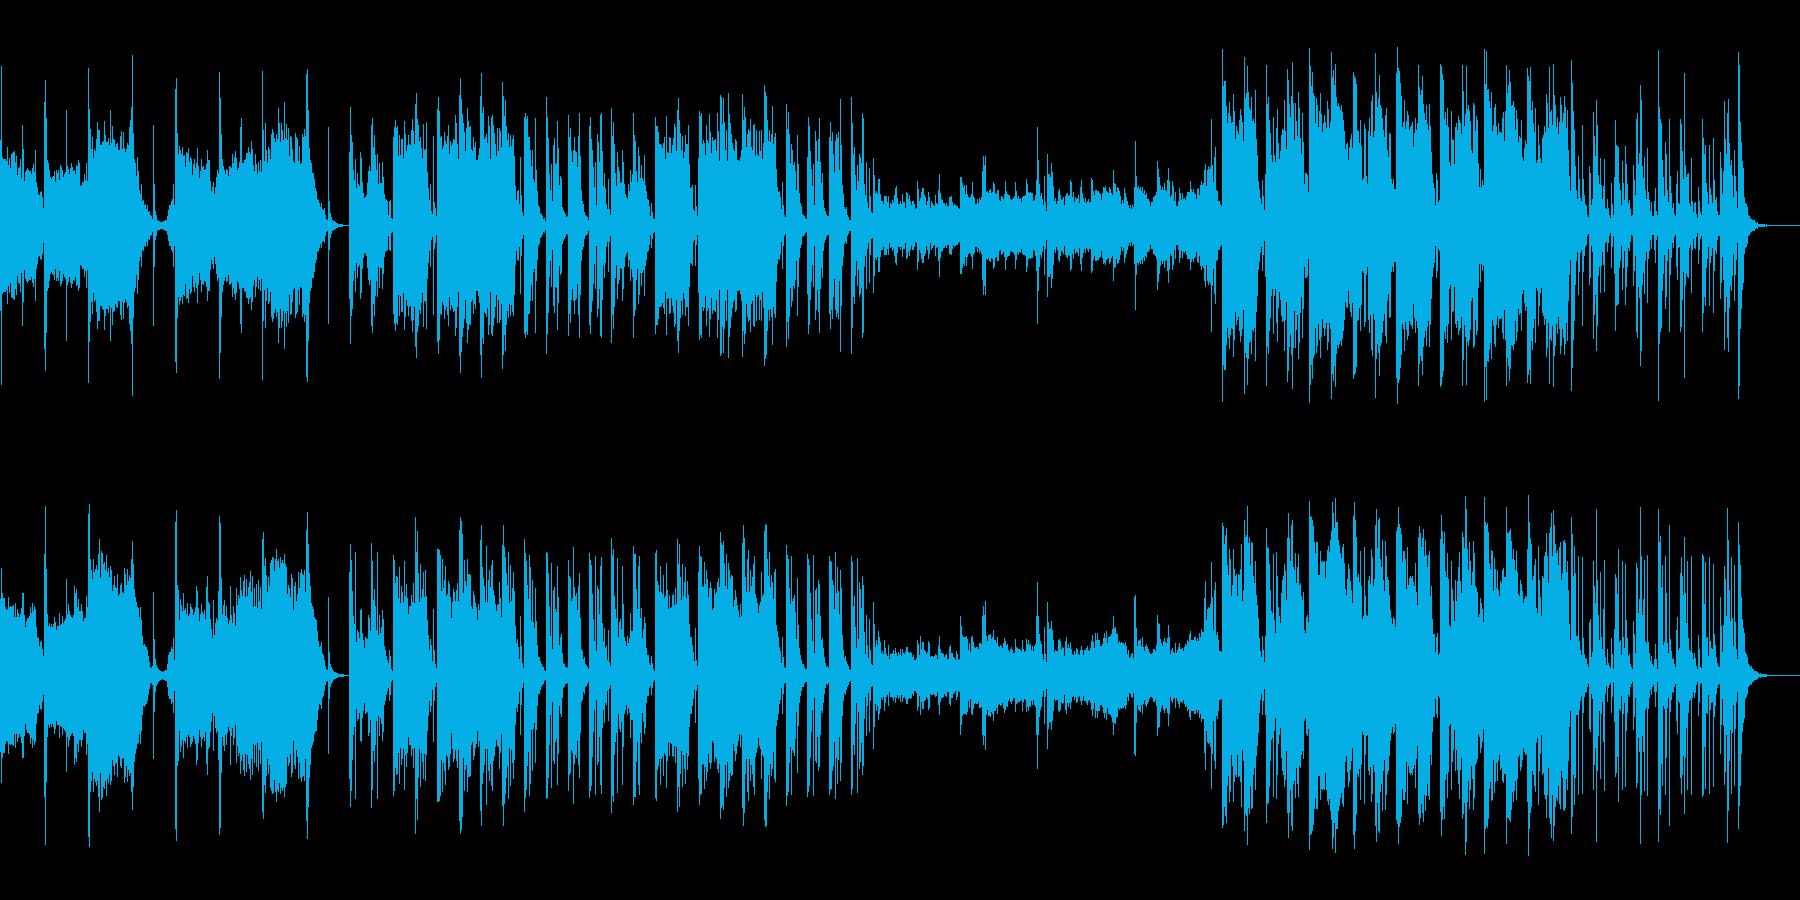 和テイスト・神秘的なワールドミュージックの再生済みの波形